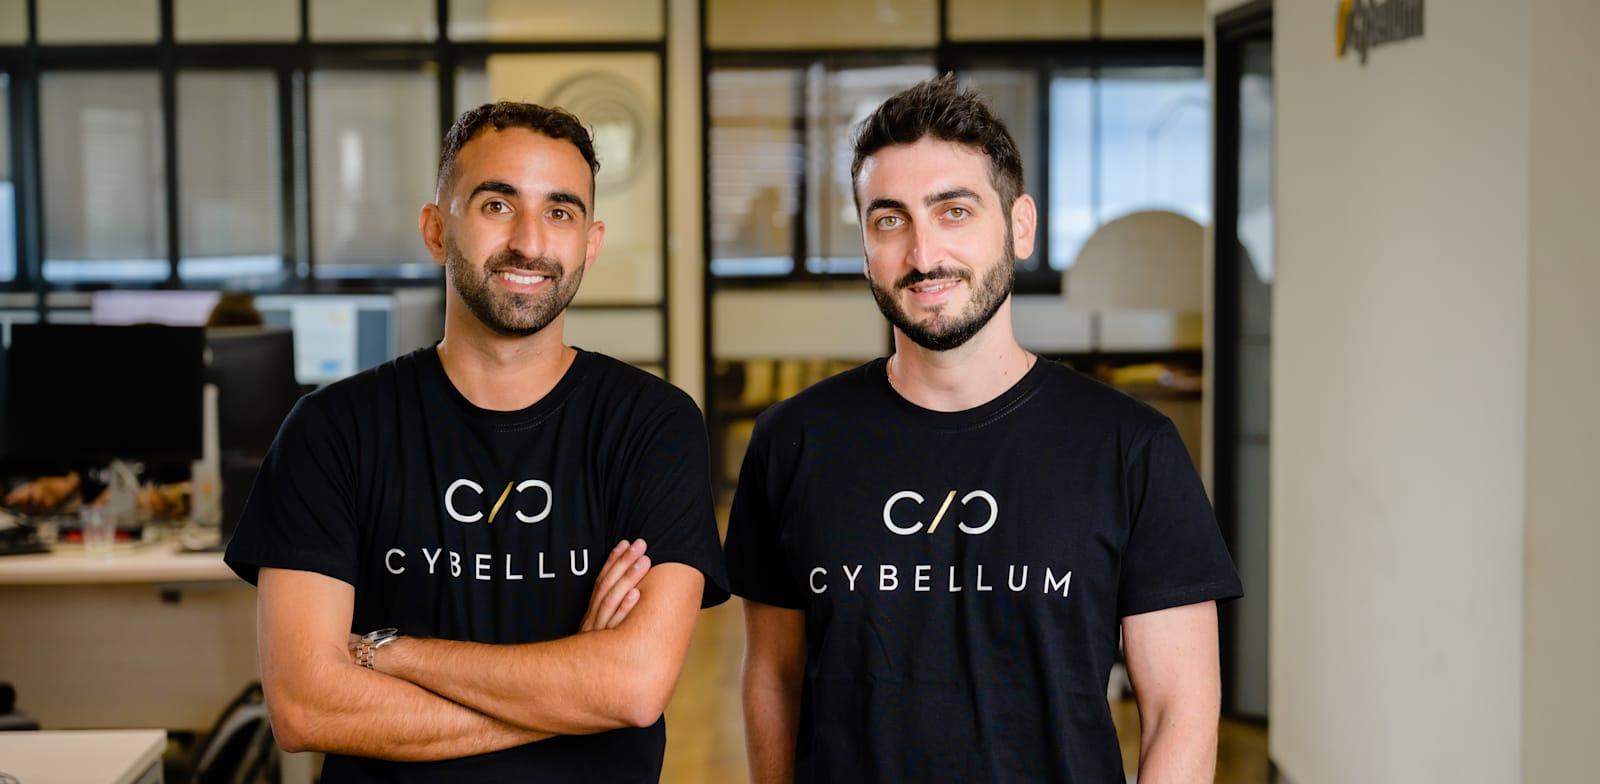 מייסדי סייבלום: סלבה ברונפמן ומיכאל אנגסטלר / צילום: יח''צ